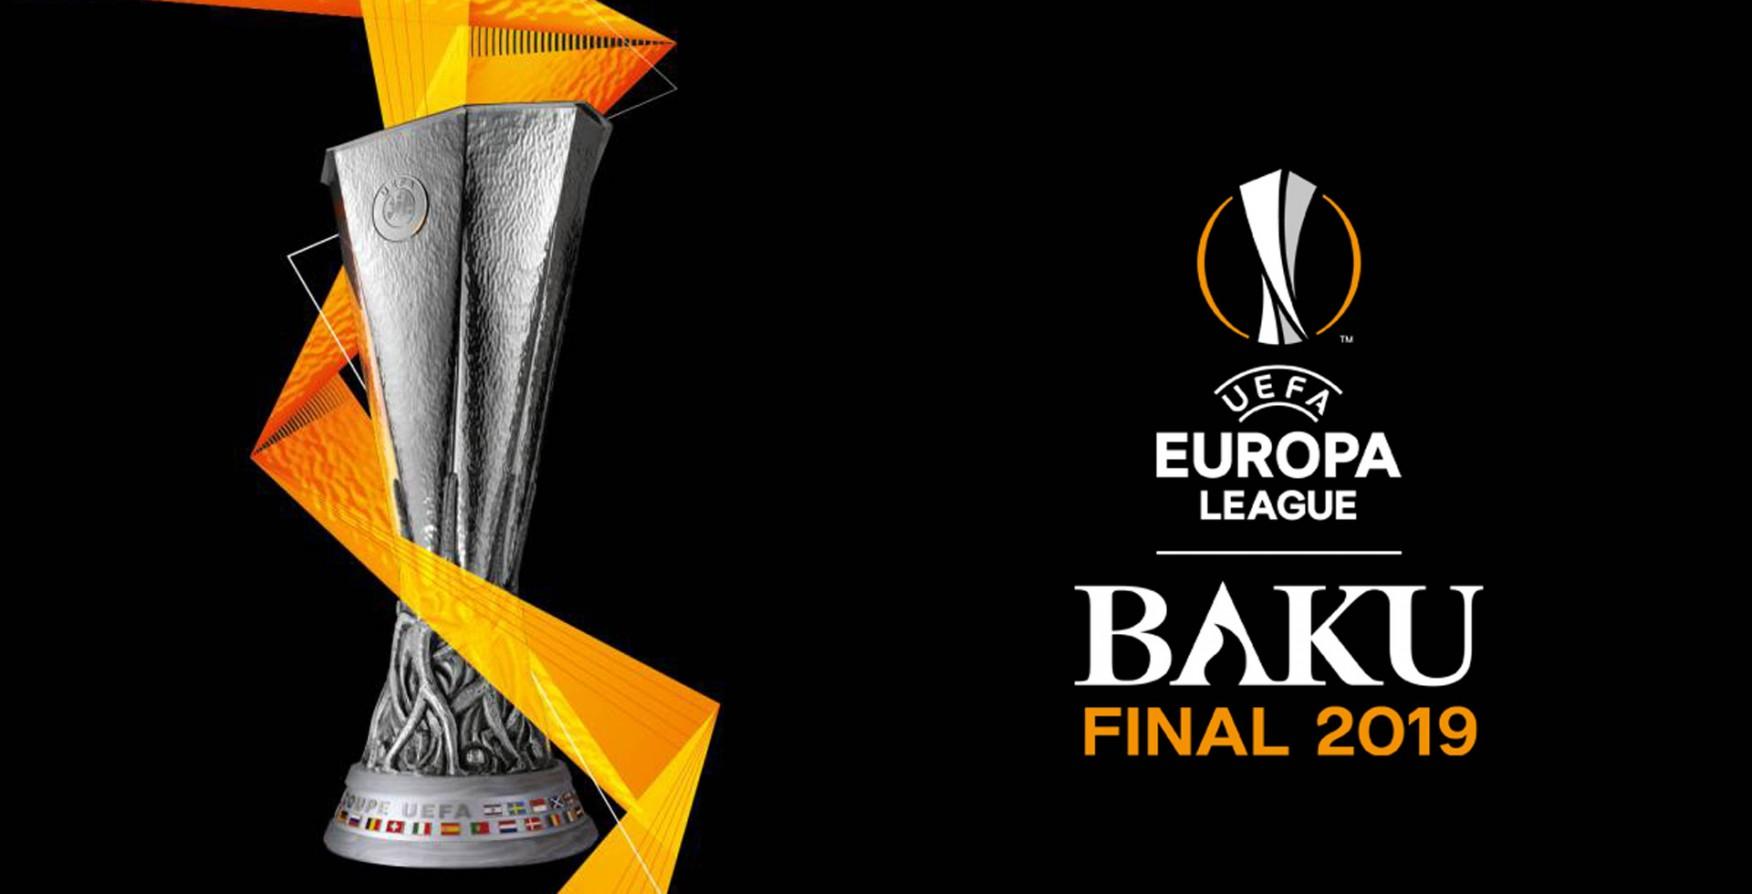 Azərbaycan UEFA-nın Avropa Liqasının final oyununa hazırdır}